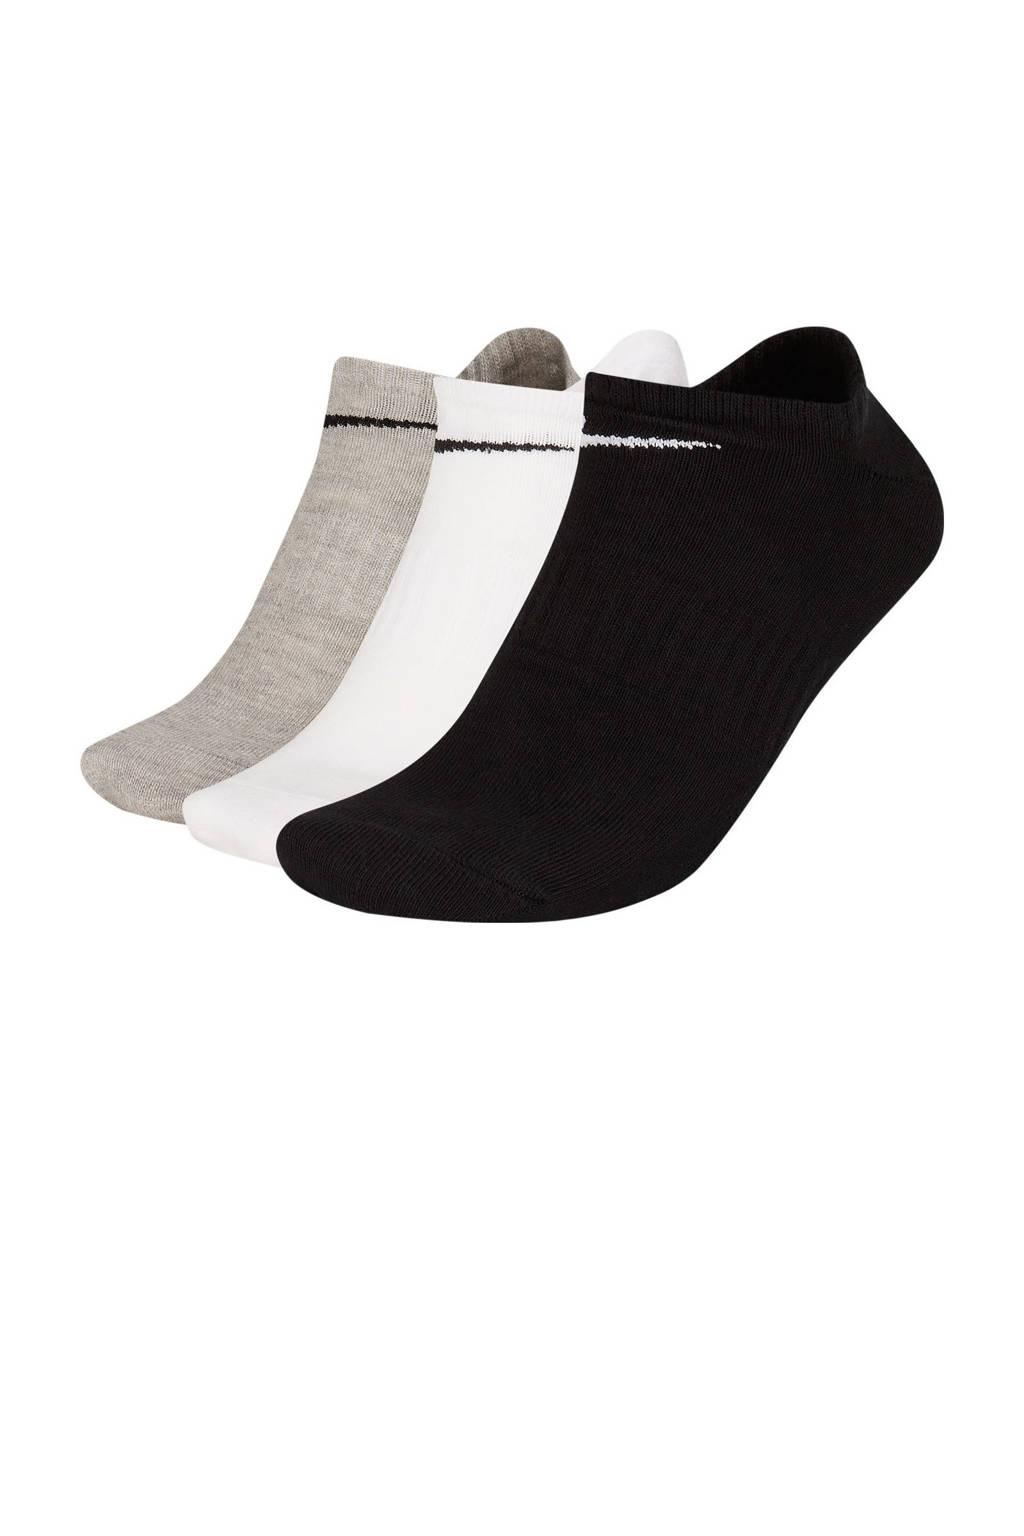 Nike sokken - set van 3 zwart/grijs/wit, Zwart/grijs/wit